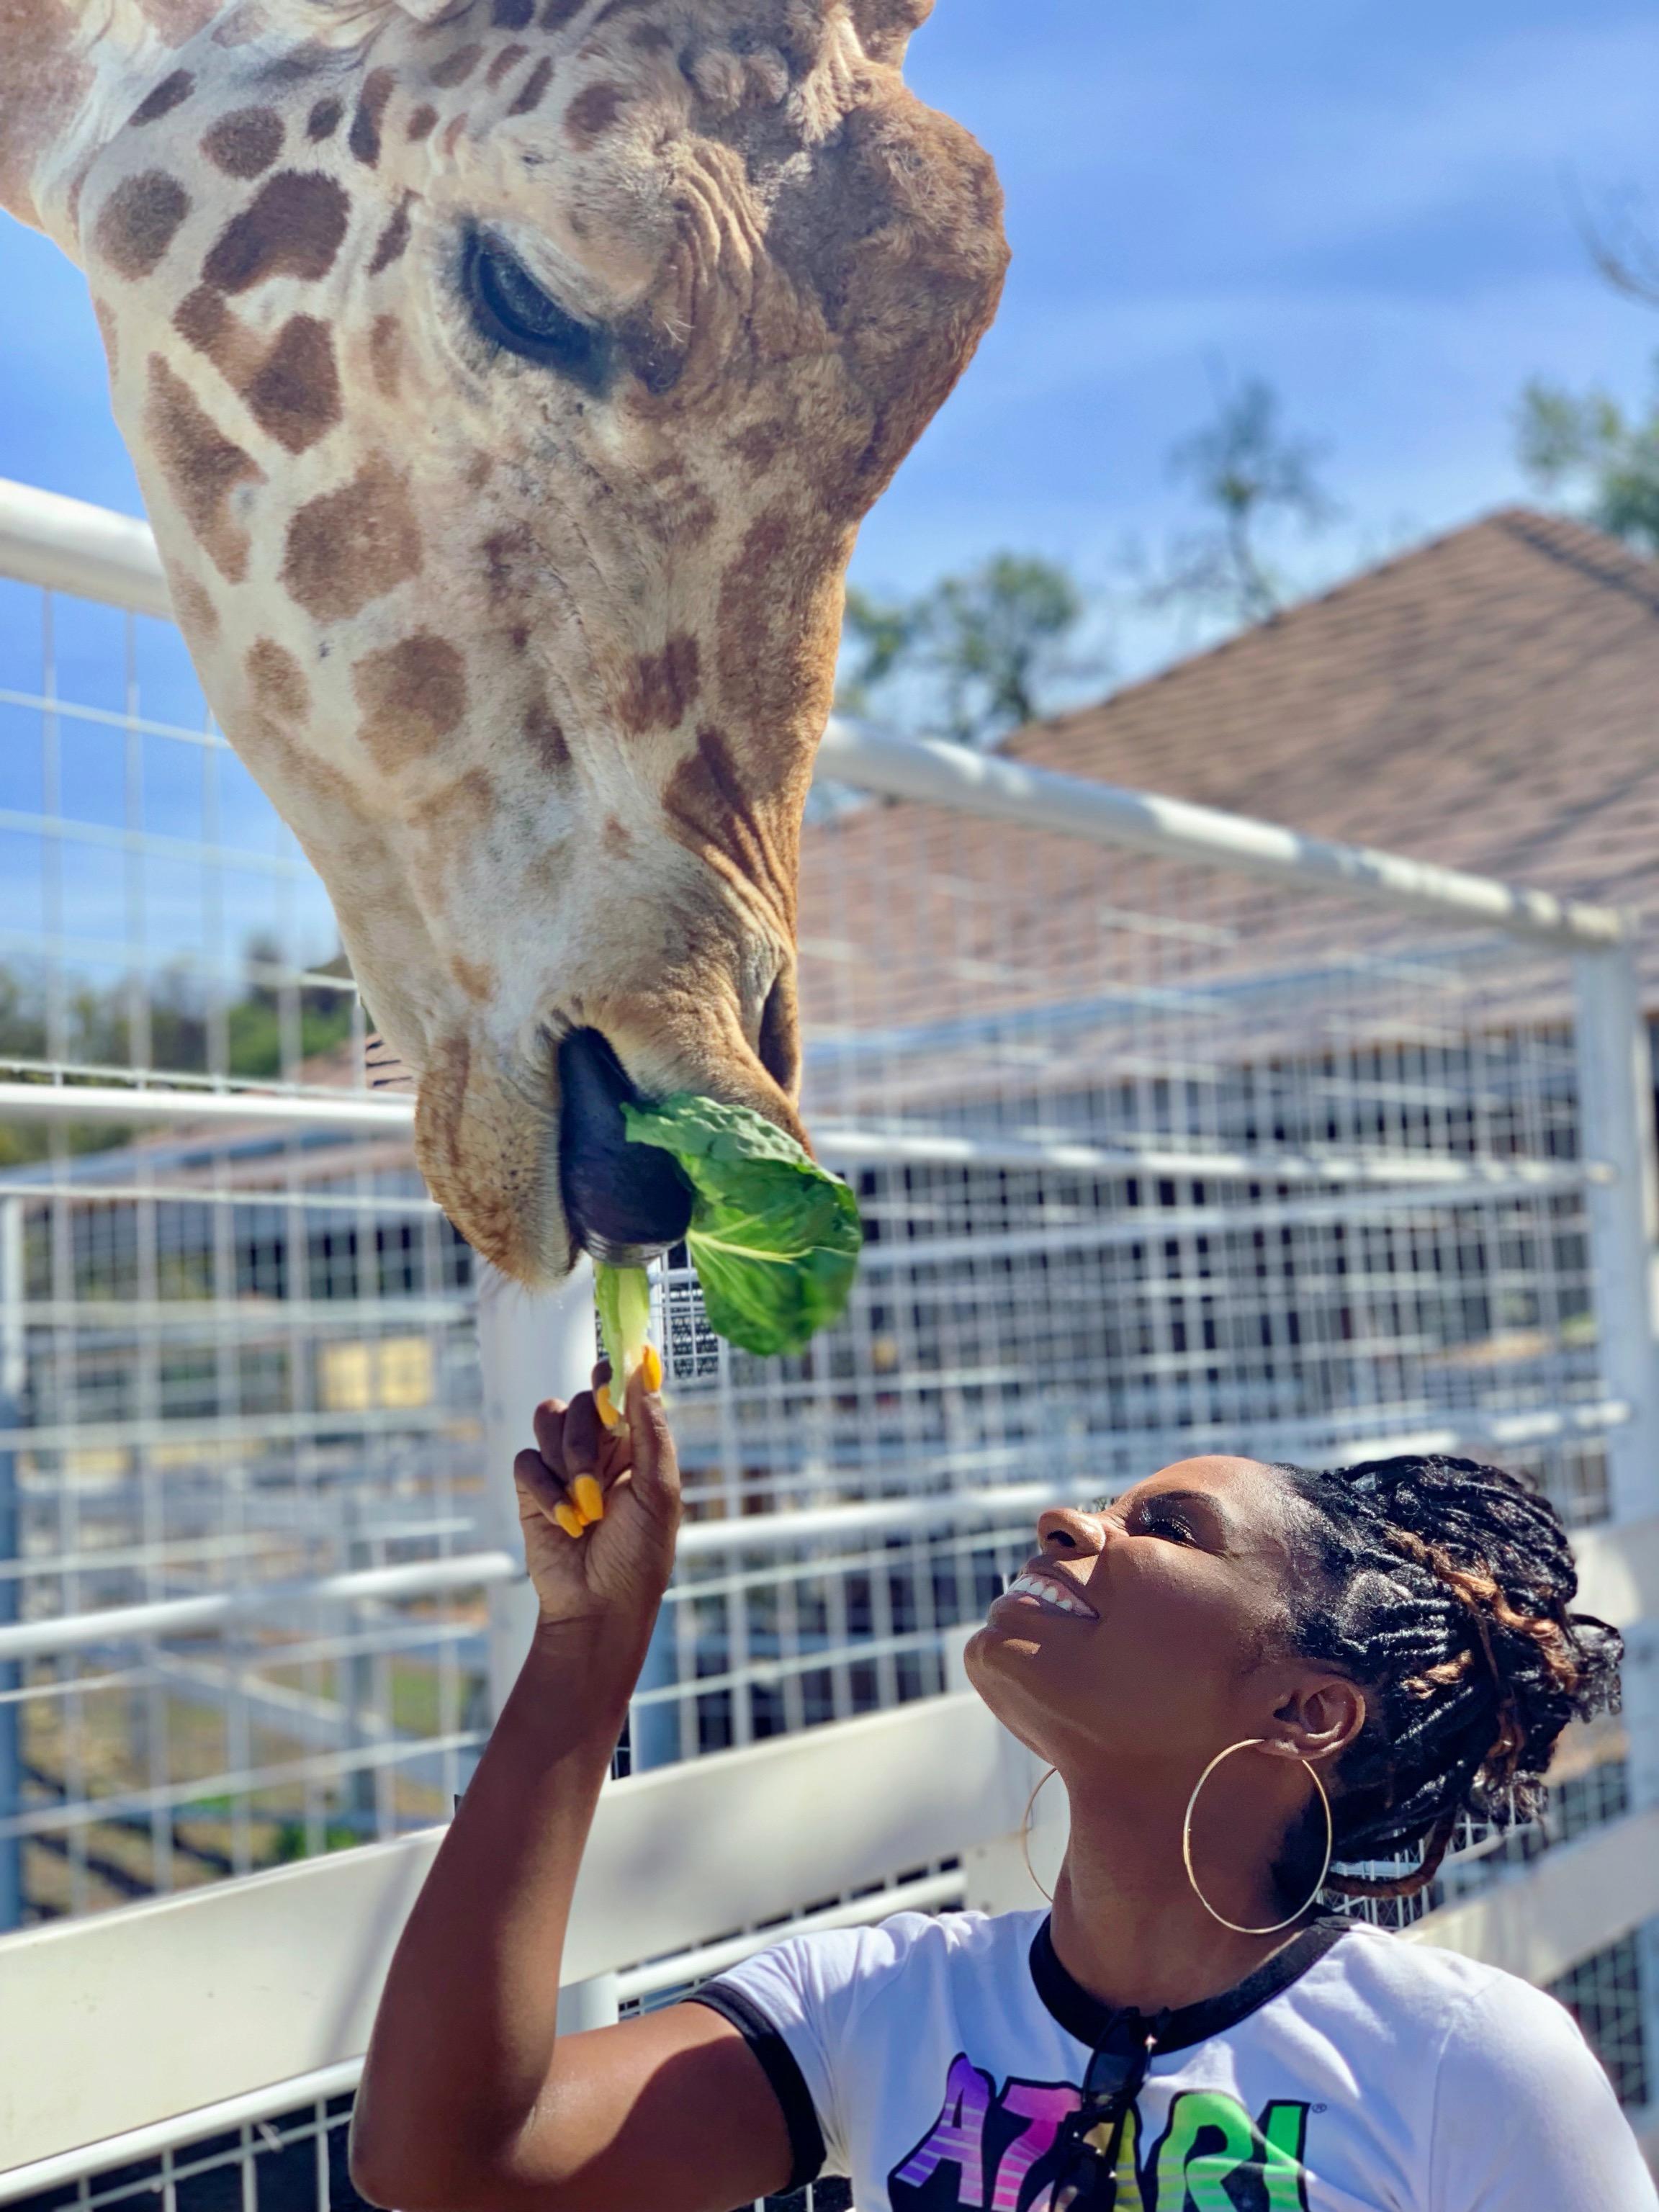 Stanley The Giraffe